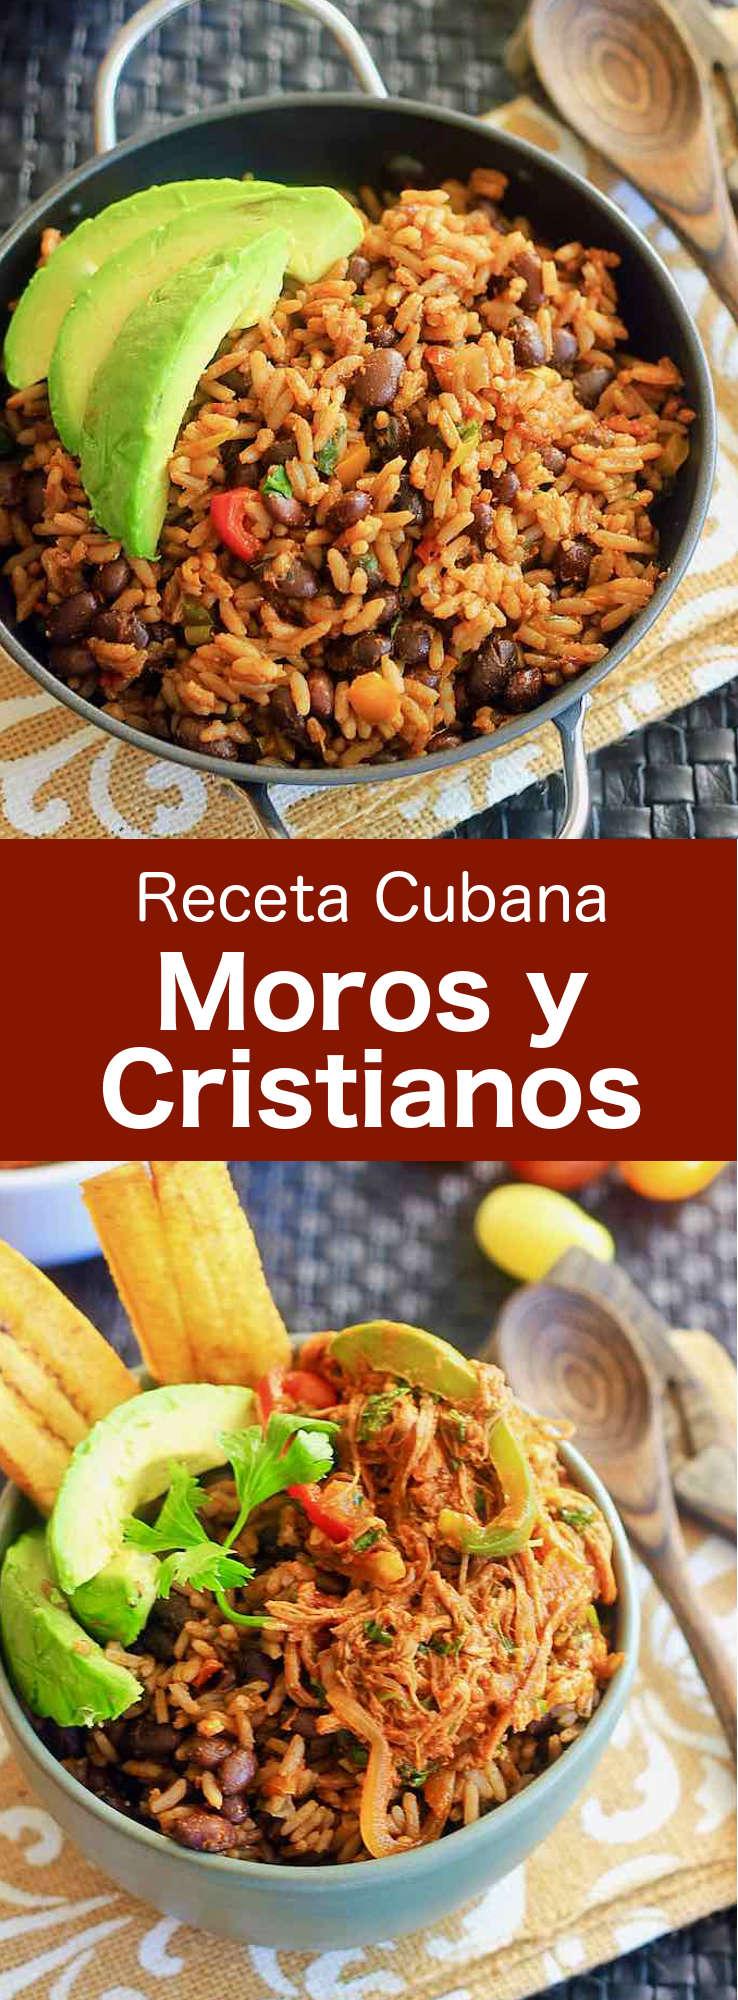 El platillo moros y cristianos es la versión cubana del arroz con frijoles, un plato que es popular en todo el Caribe.